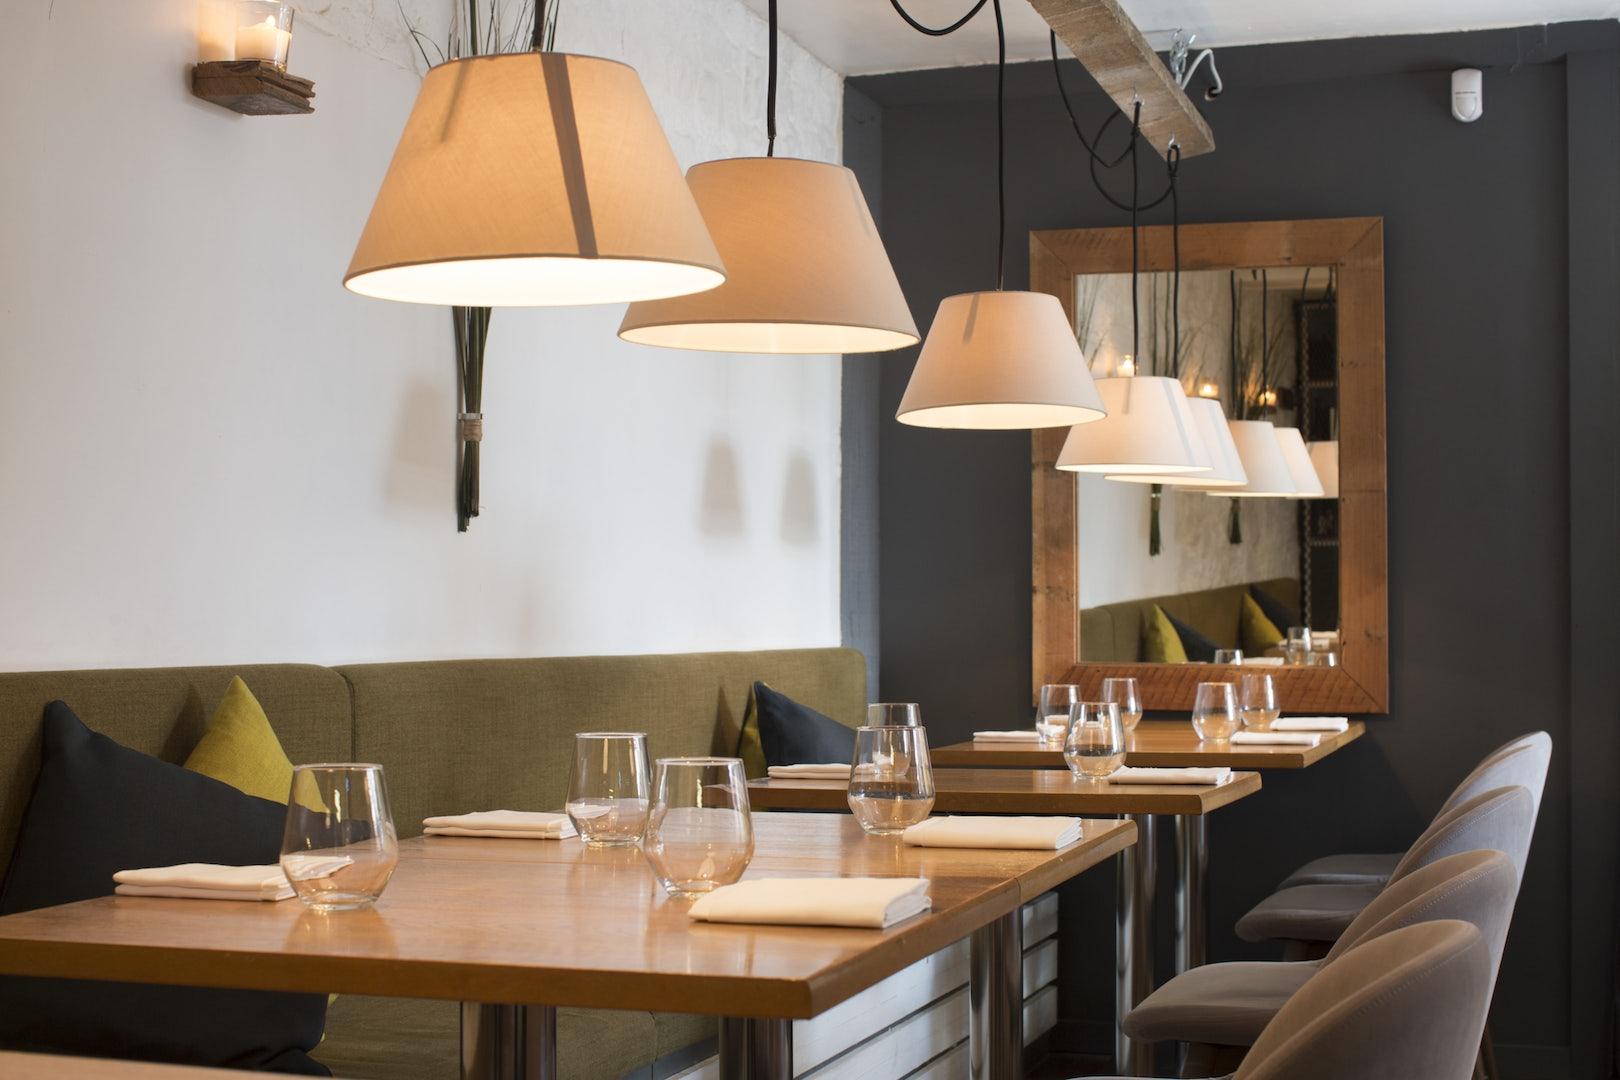 Heron & Grey restaurant in Dublin